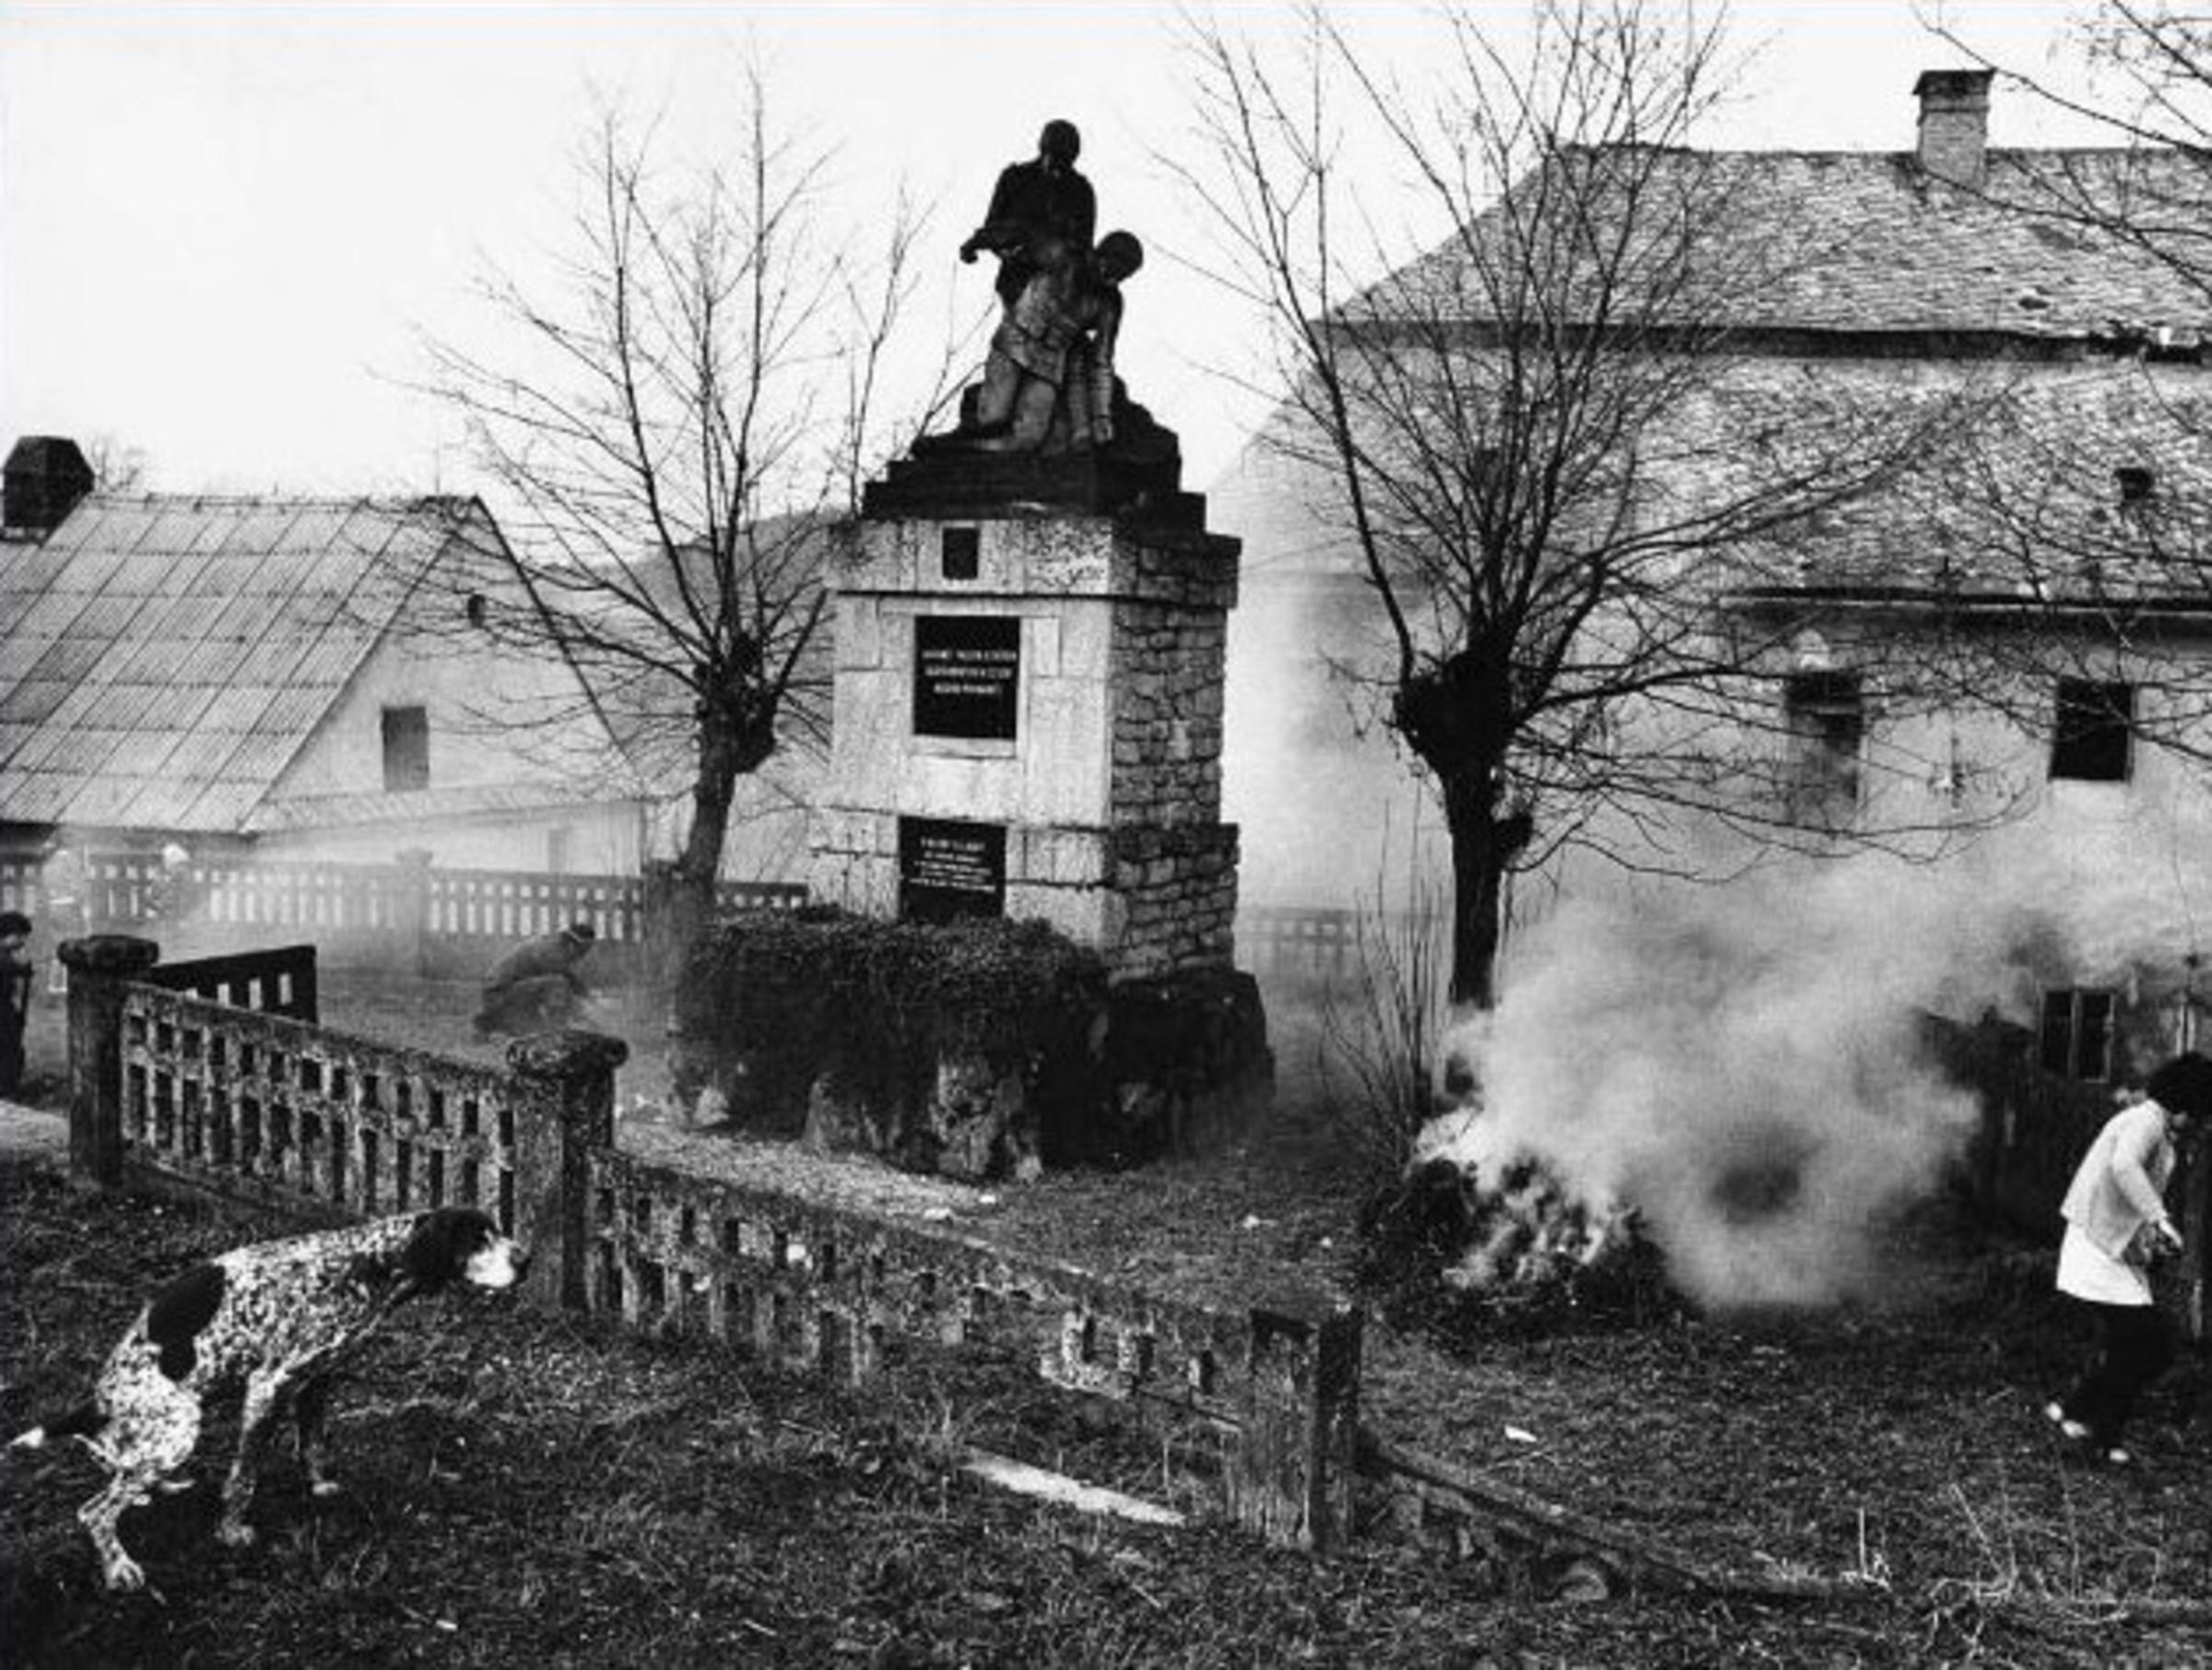 Dokumentární fotografie Jindřich Štreit